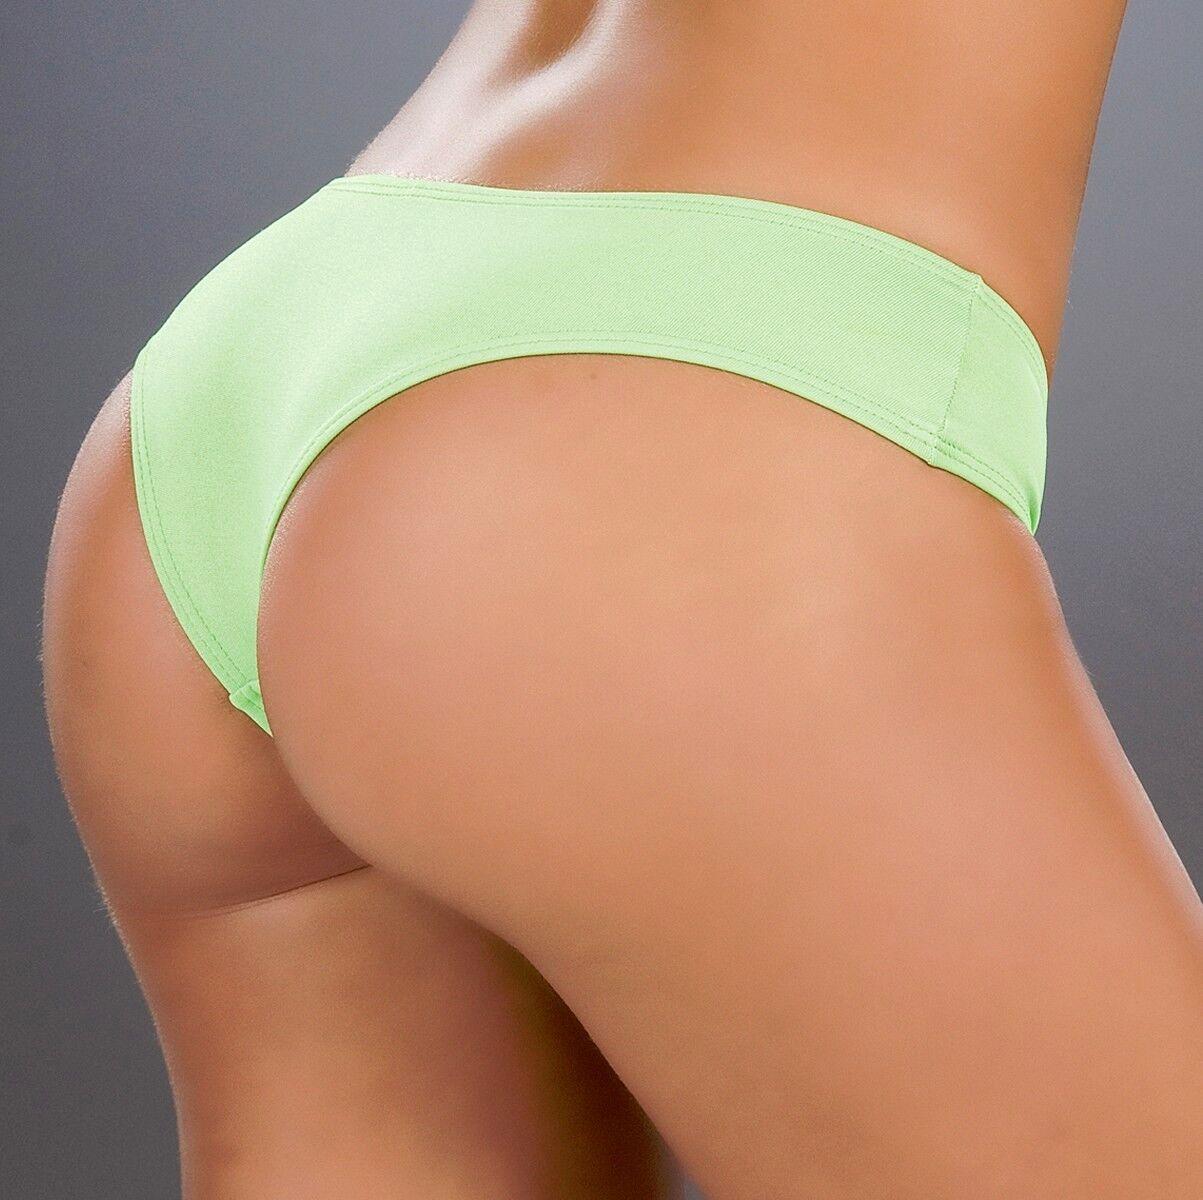 3002 Hot Grün Limette Stiefel Jungen Shorts Yoga Gym Hipster Roller Tänzer Rabe